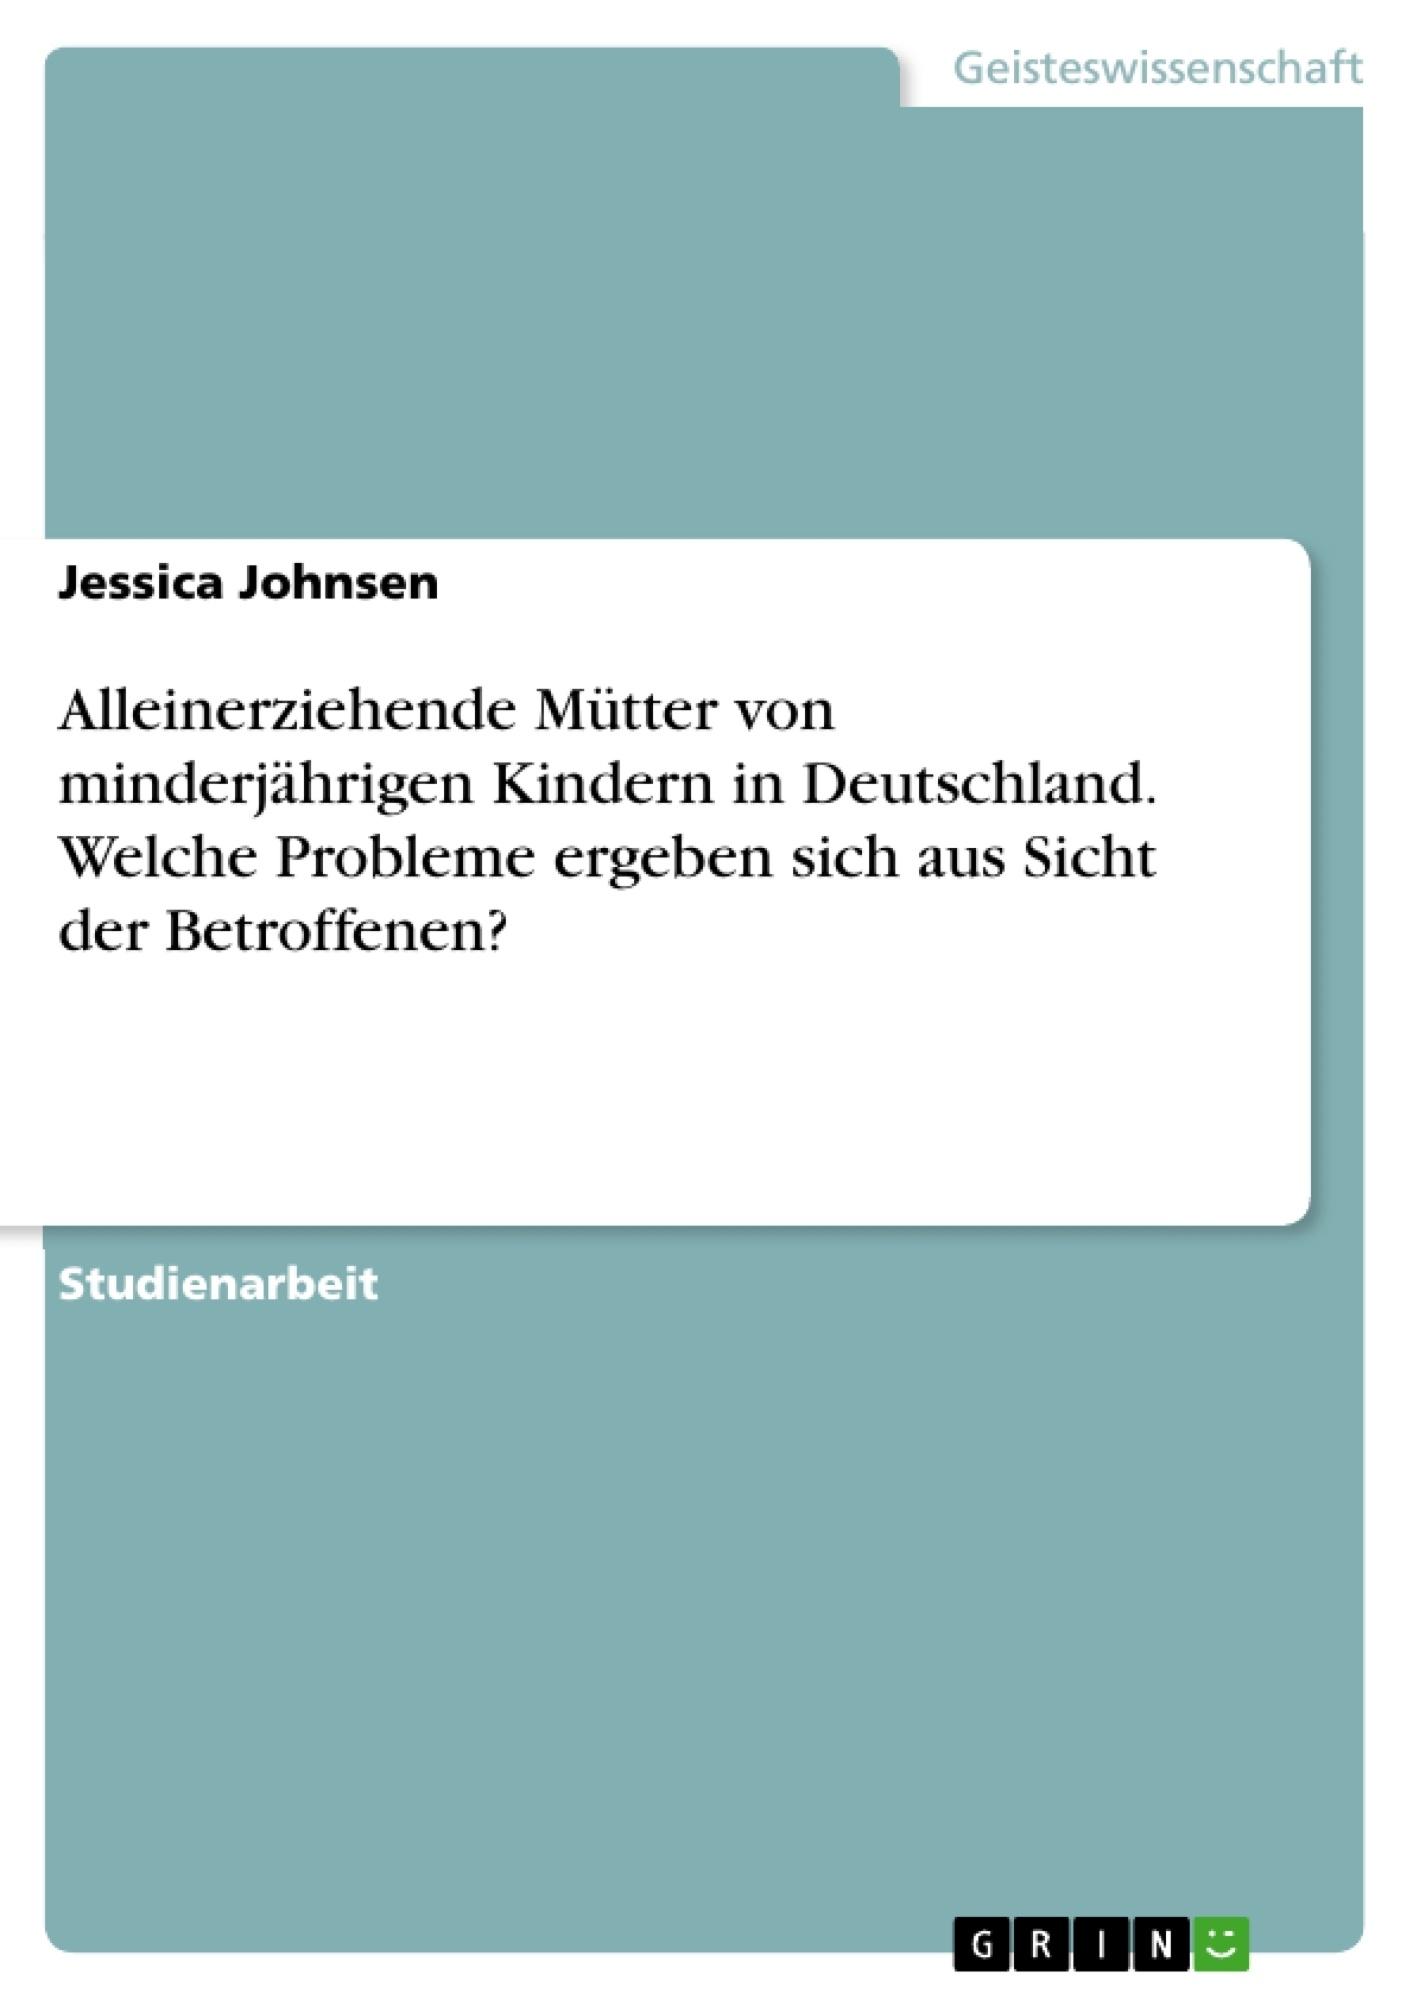 Titel: Alleinerziehende Mütter von minderjährigen Kindern in Deutschland. Welche Probleme ergeben sich aus Sicht der Betroffenen?